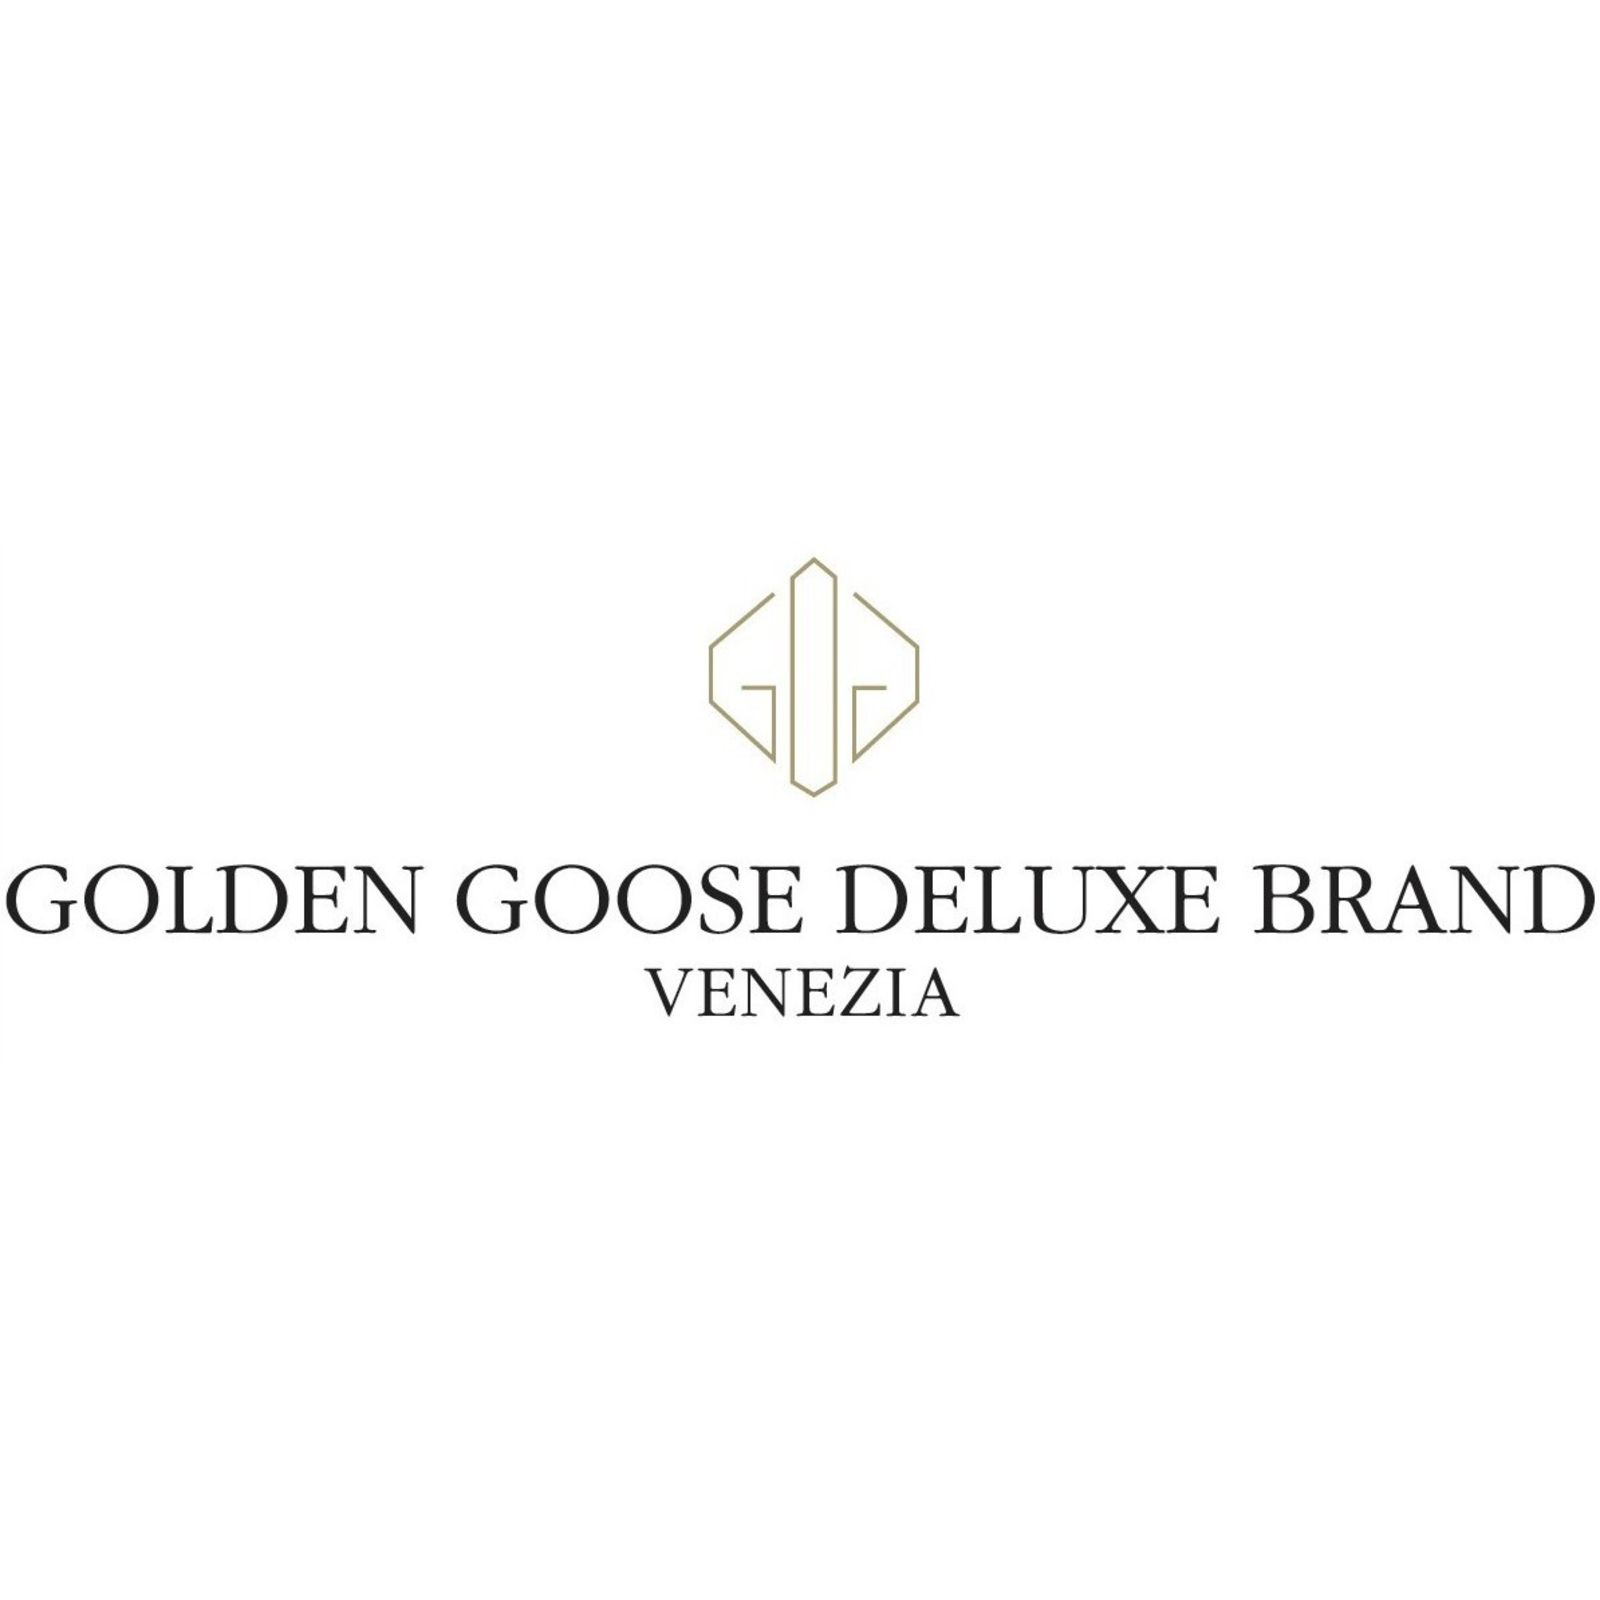 GOLDEN GOOSE DELUXE BRAND®